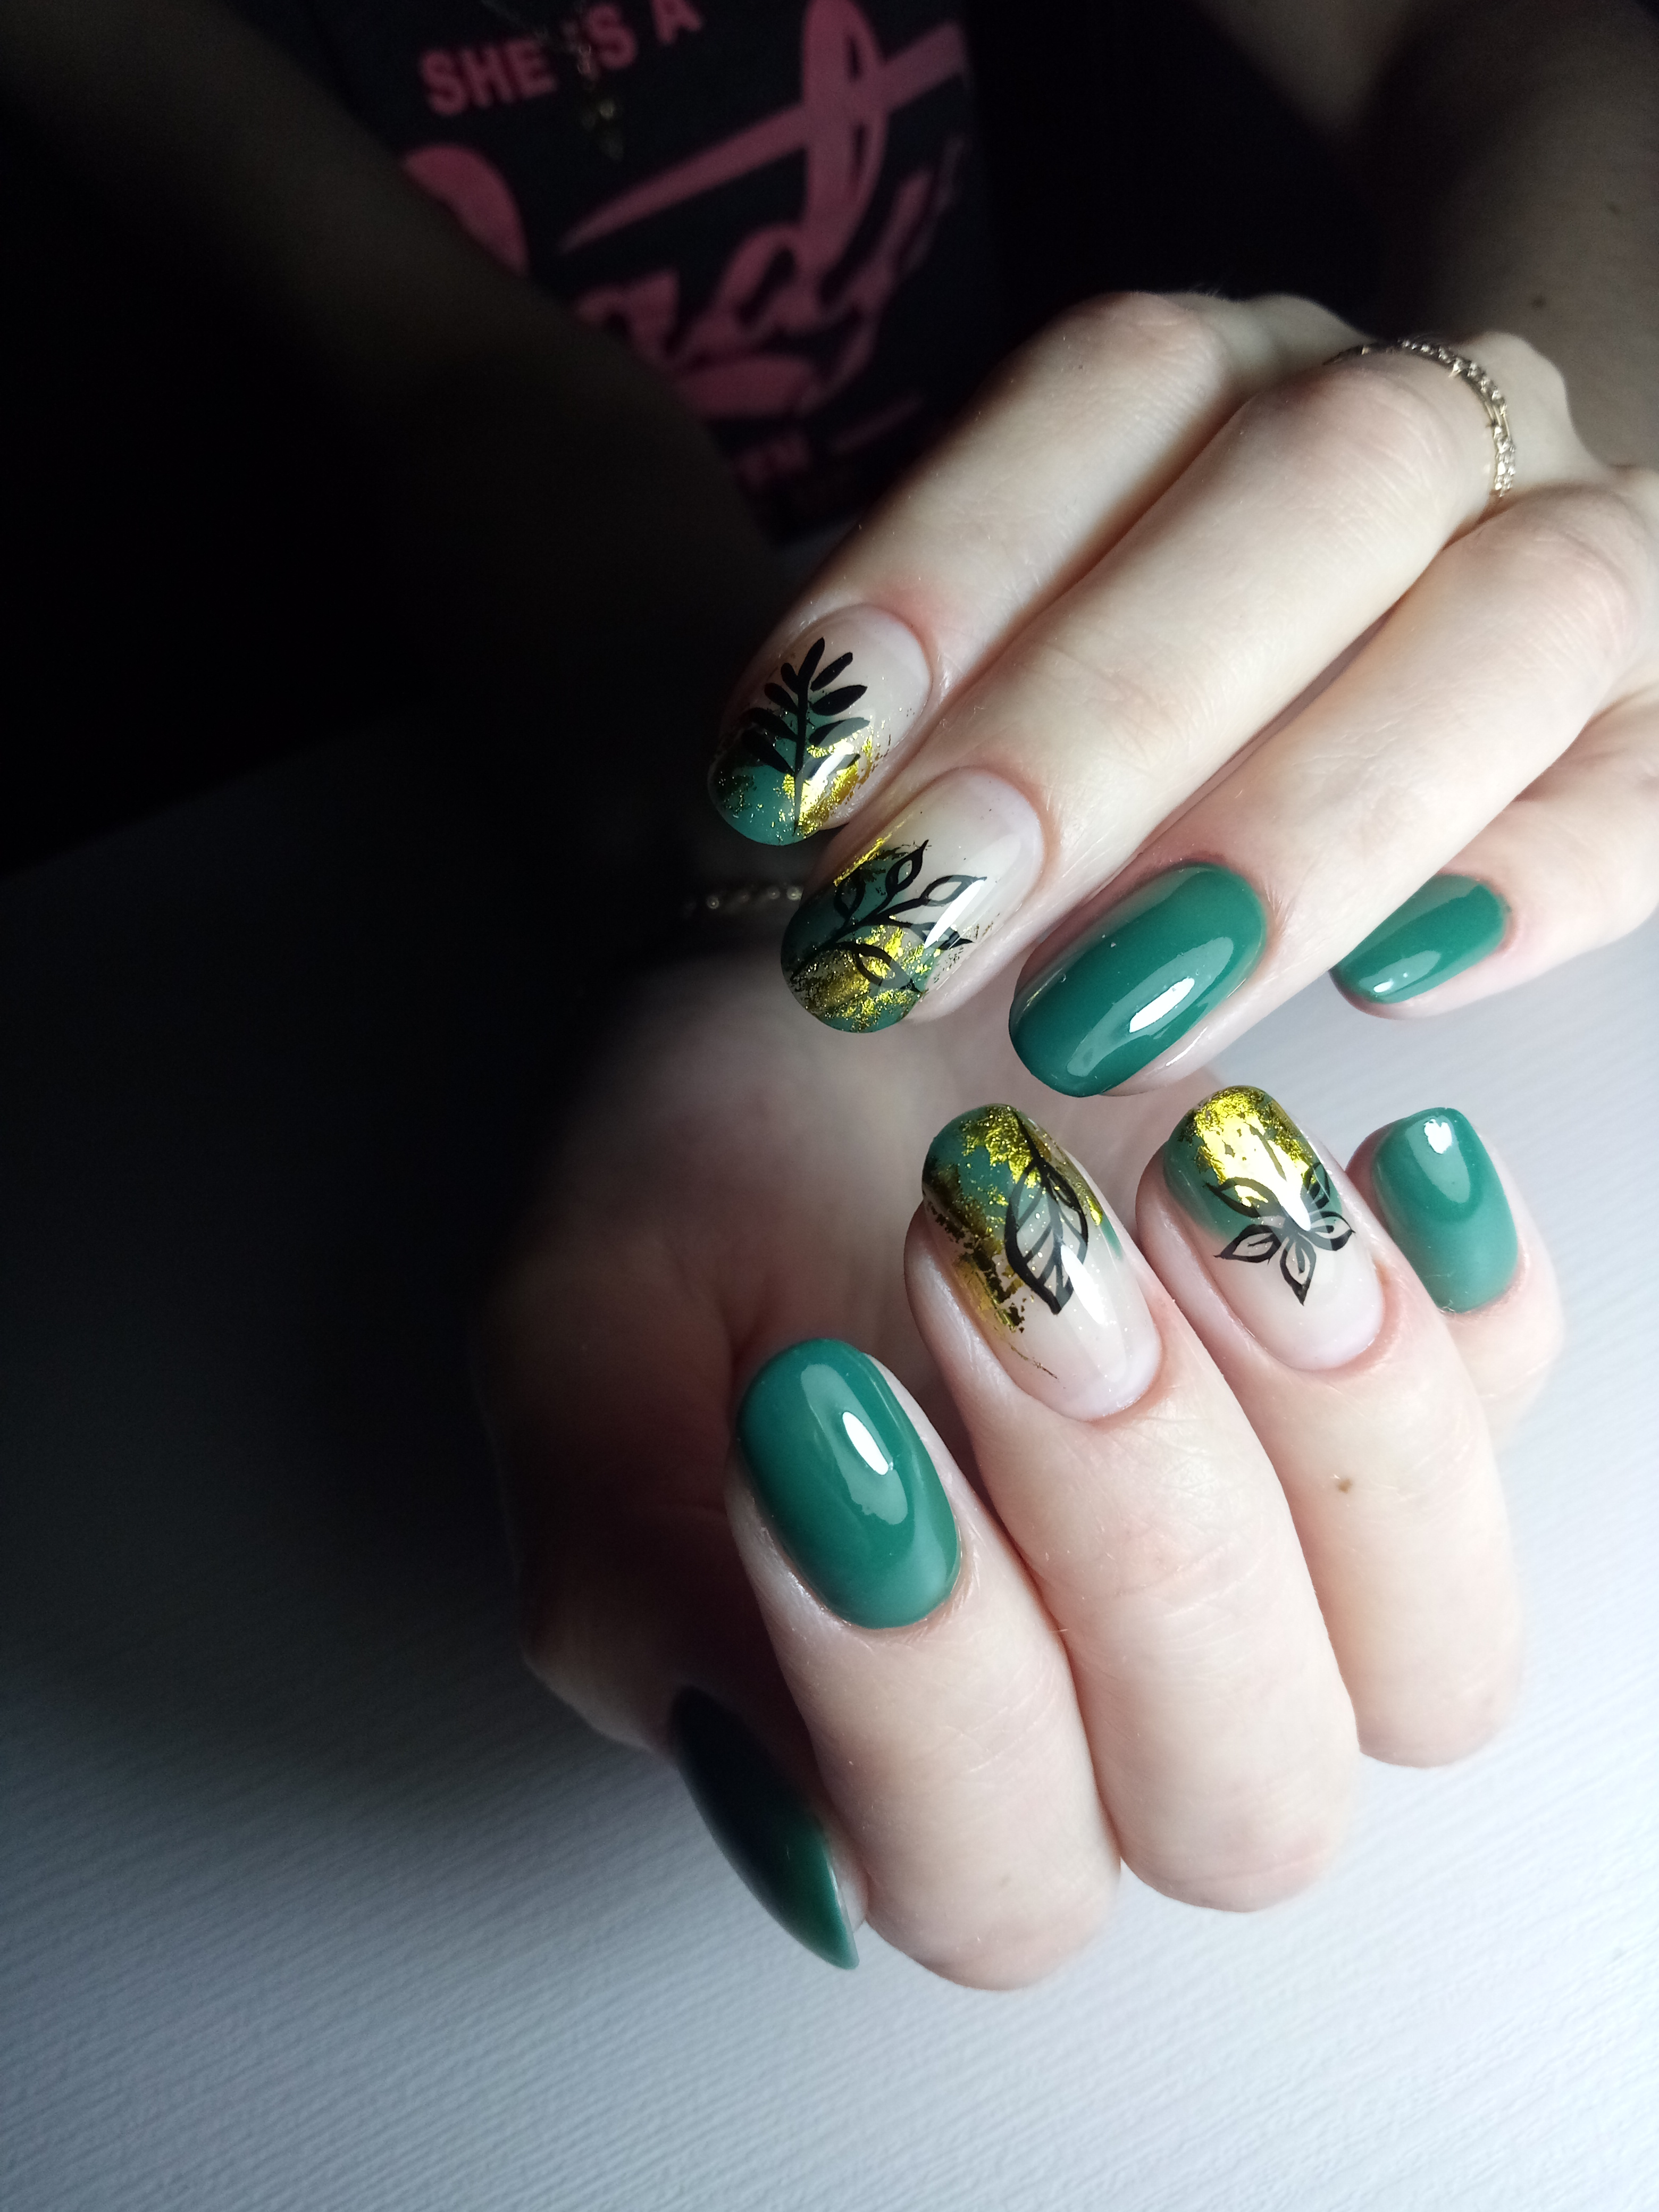 Маникюр с растительными слайдерами и золотой фольгой в зеленом цвете.